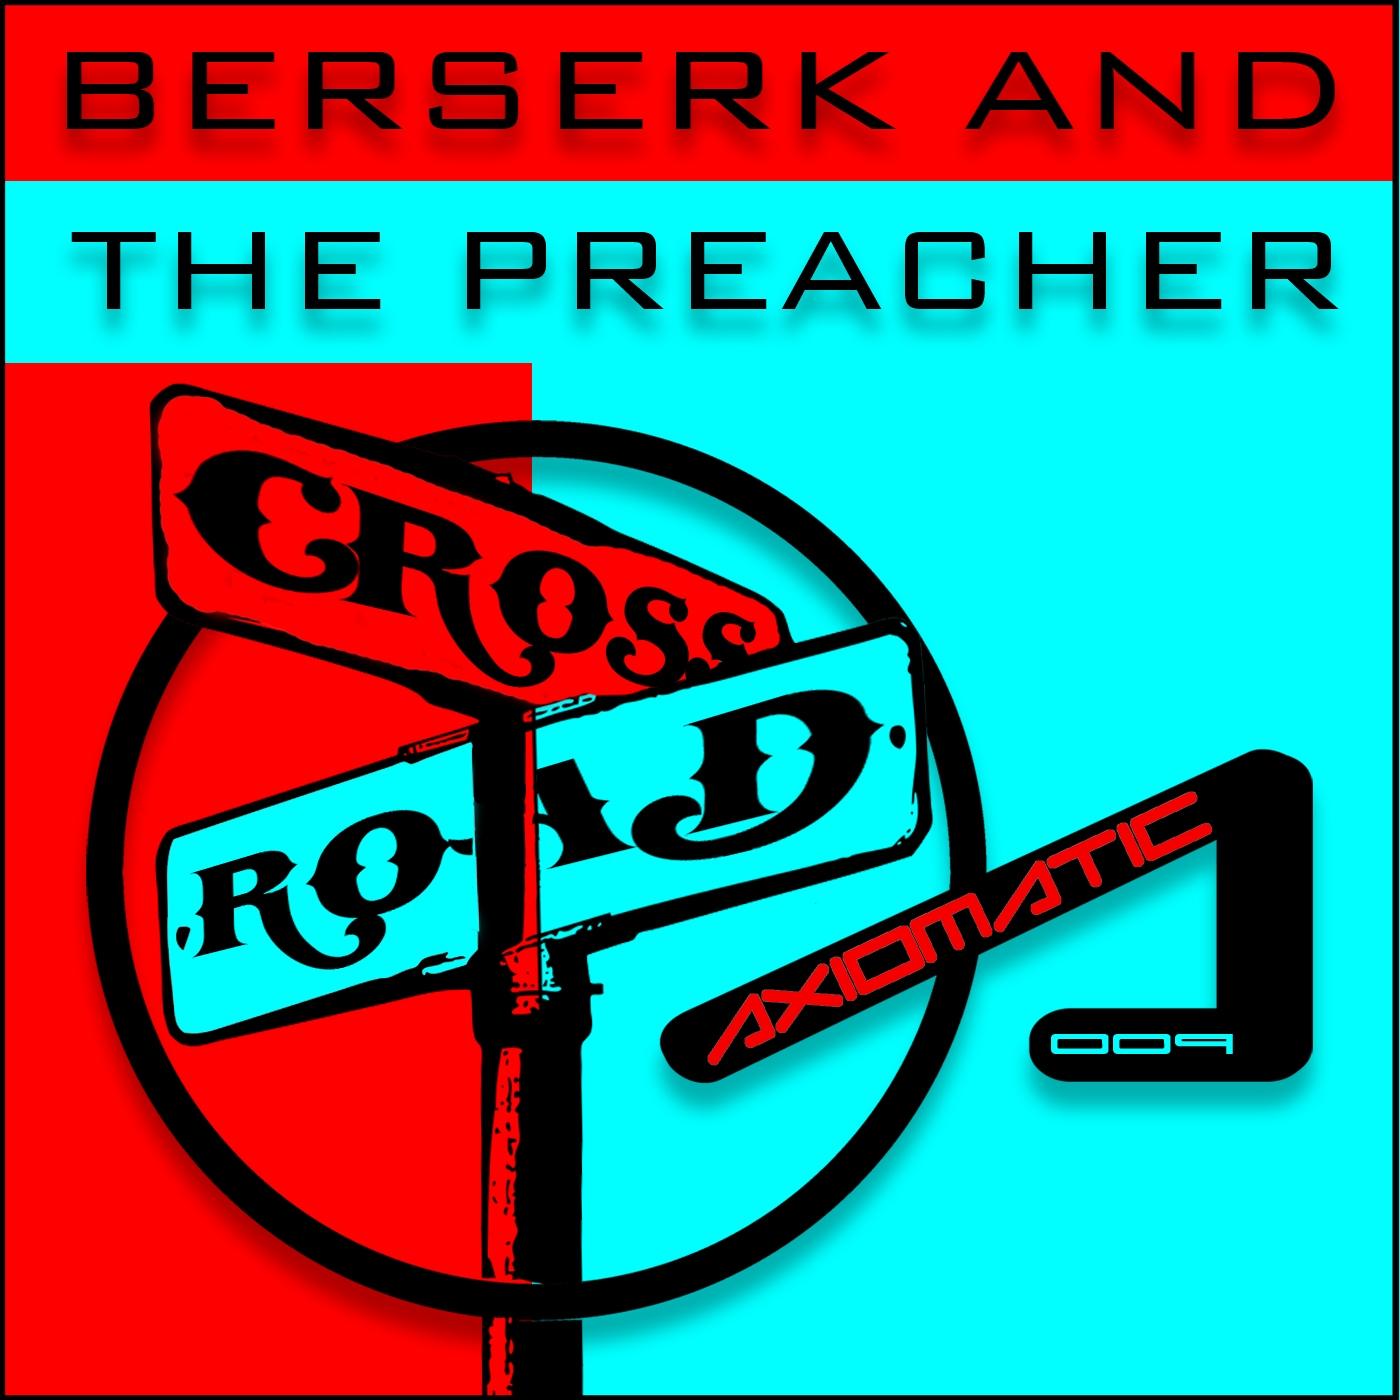 Berserk & The Preacher - Crossroad (Original mix)